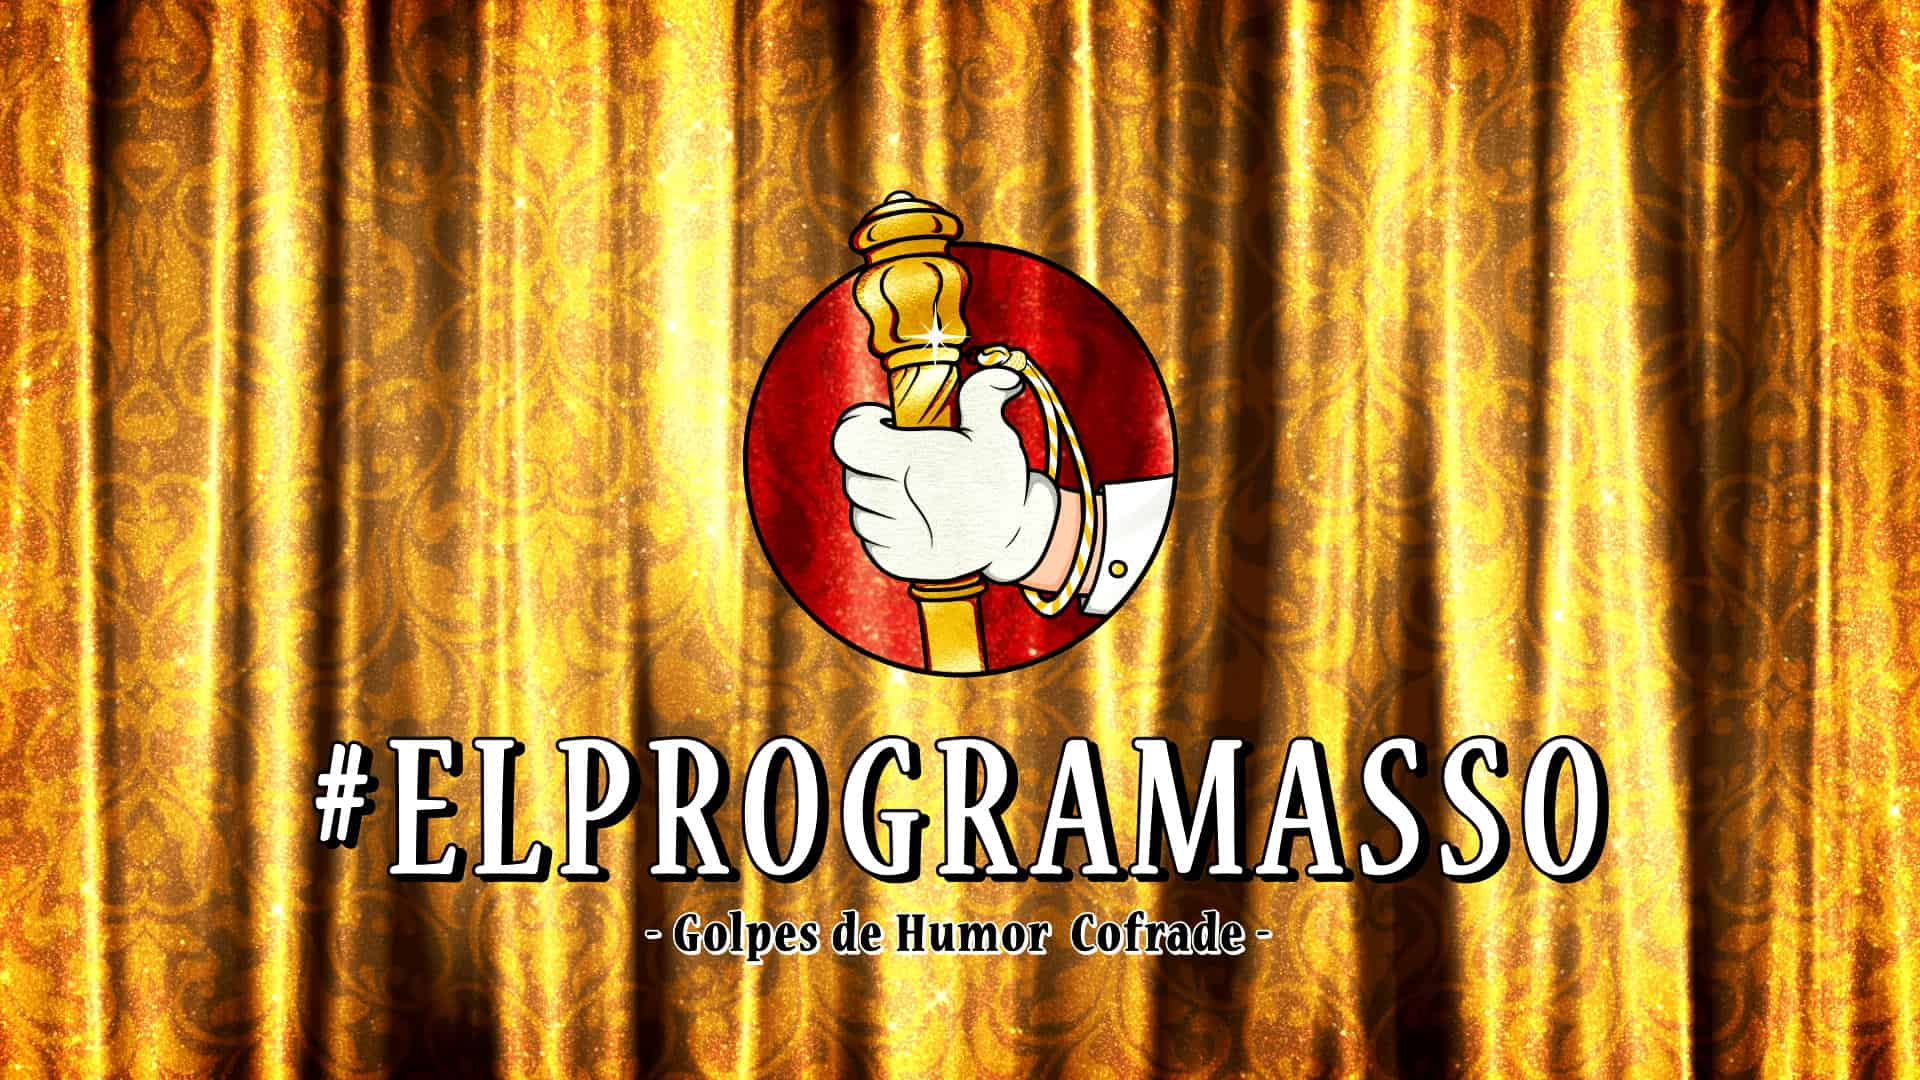 El programasso de el Palermasso 1